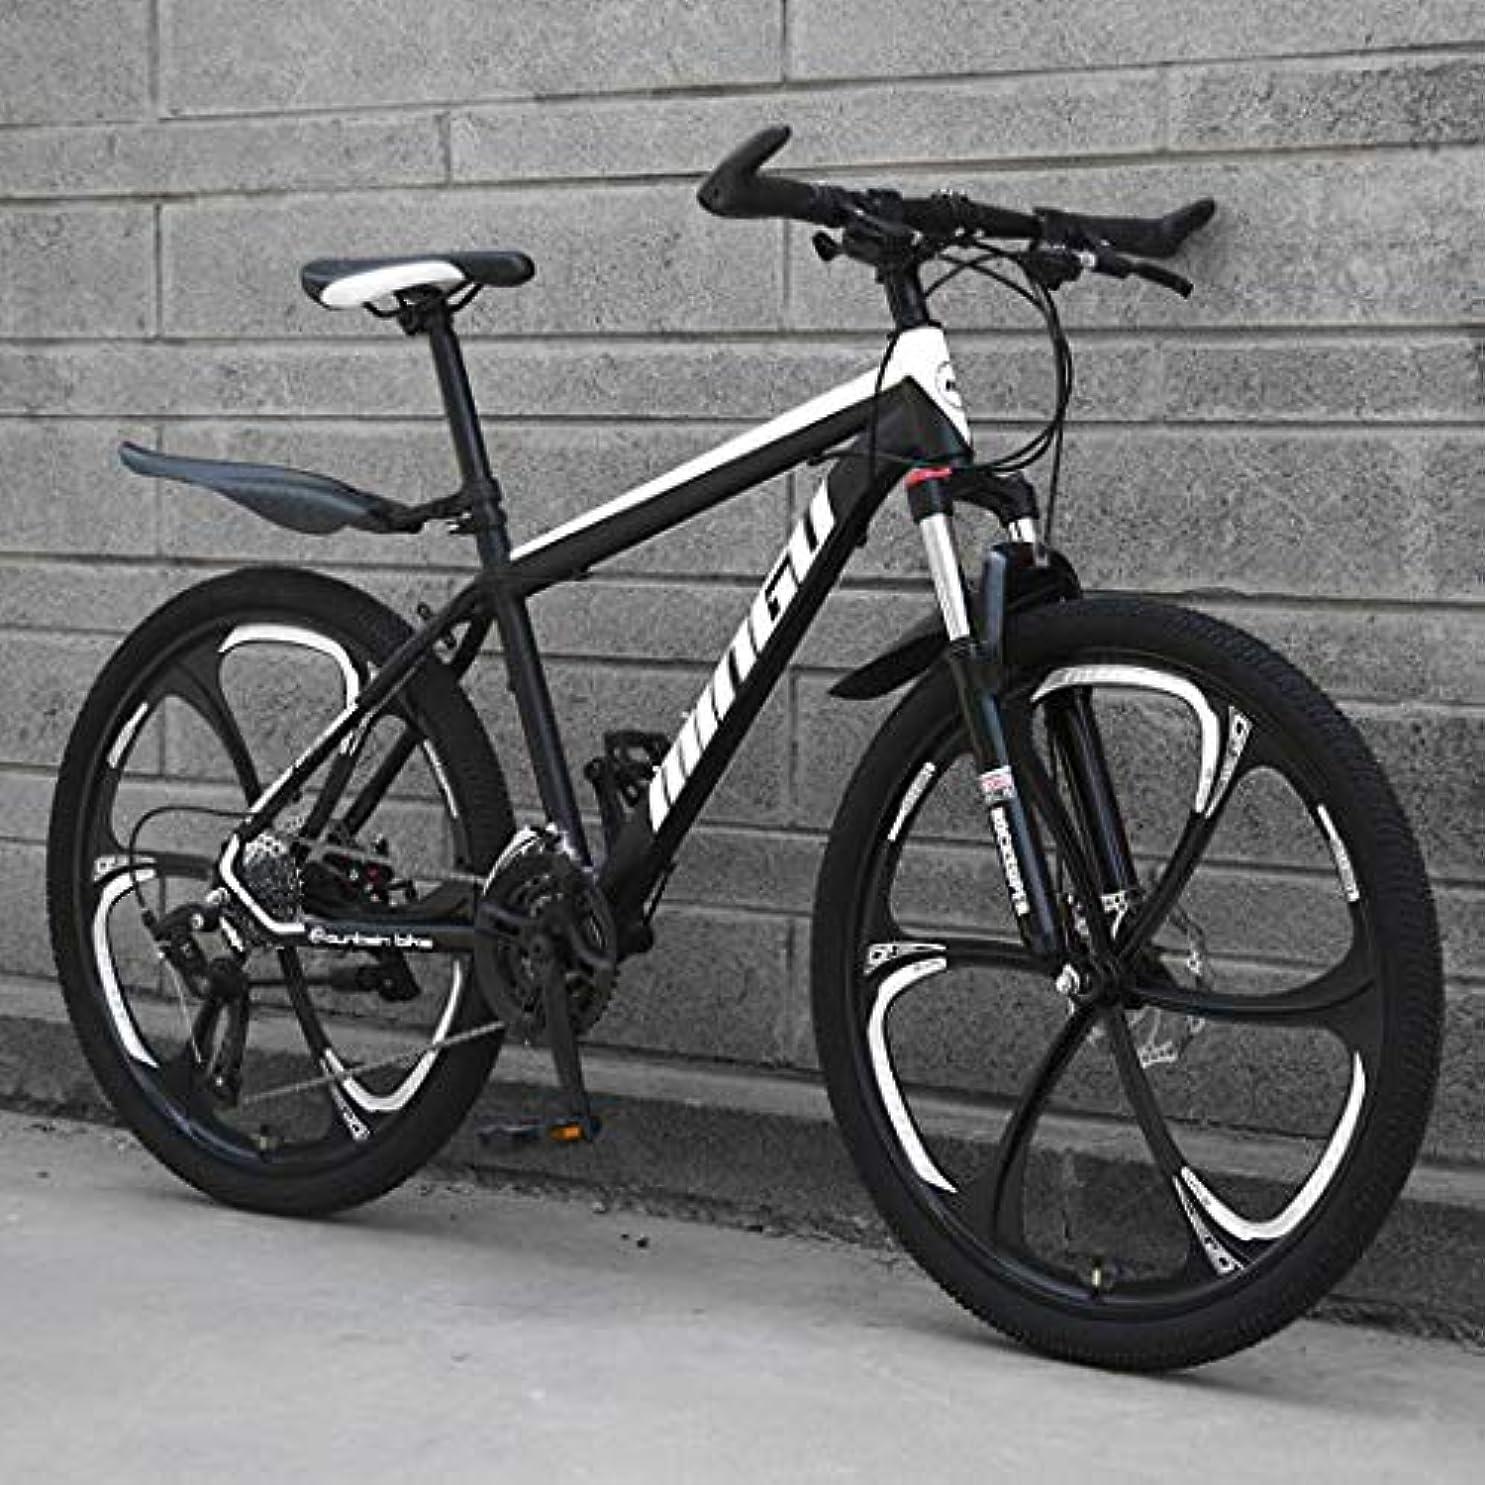 スペイン語離れて立ち向かうマウンテンバイク自転車24インチ フォークサスペンションダブルディスクブレーキの自転車 レーシングバイク 6つのカッターホイール付き 高炭素鋼フレーム